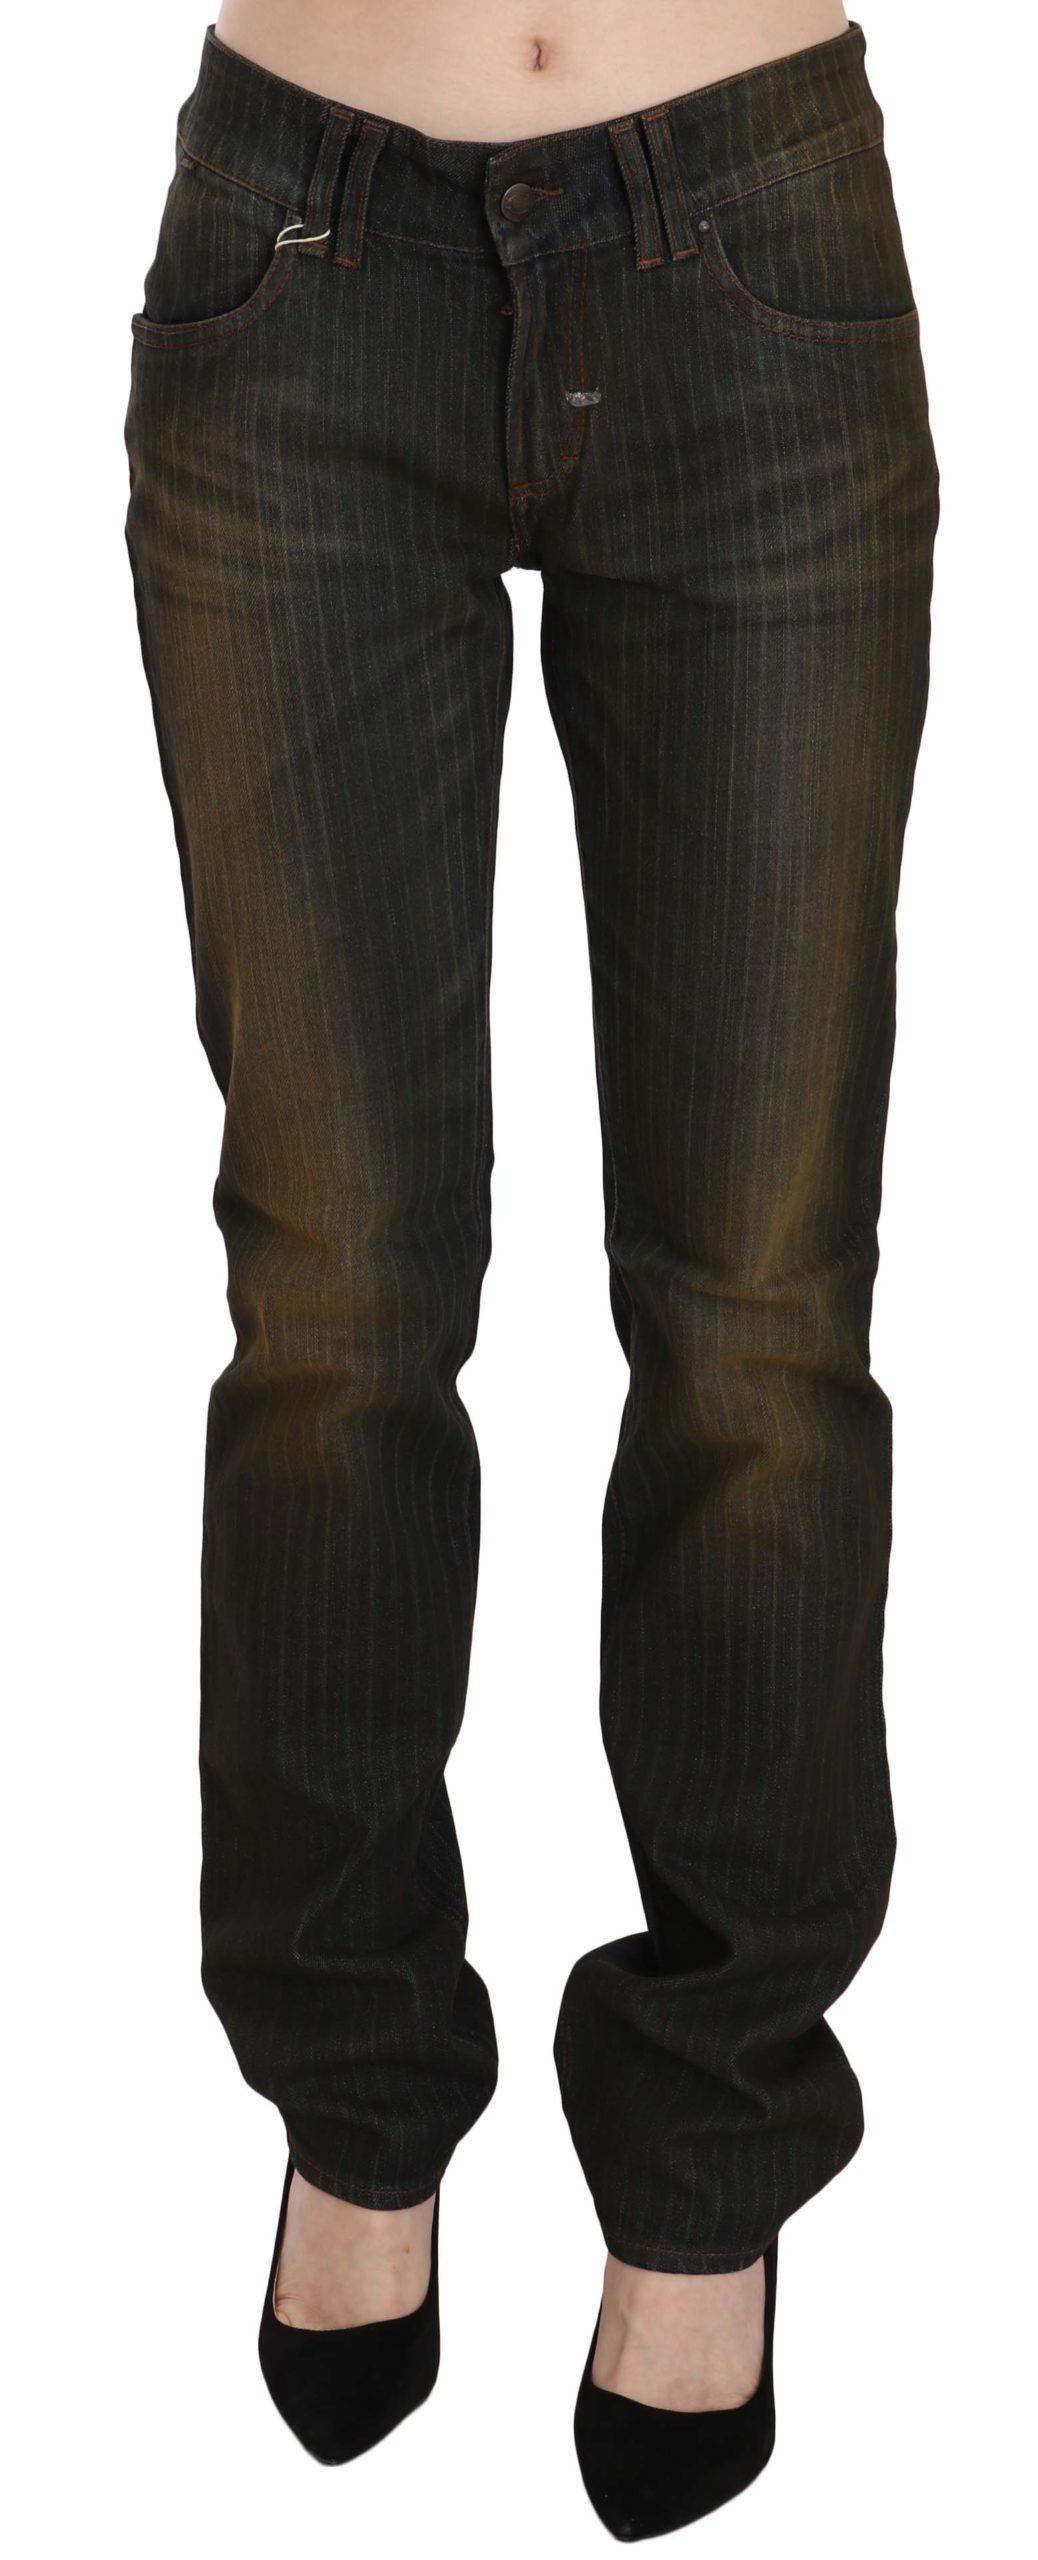 Just Cavalli Women's Low Waist Slim Fit Denim Trouser Black PAN70327 - W29